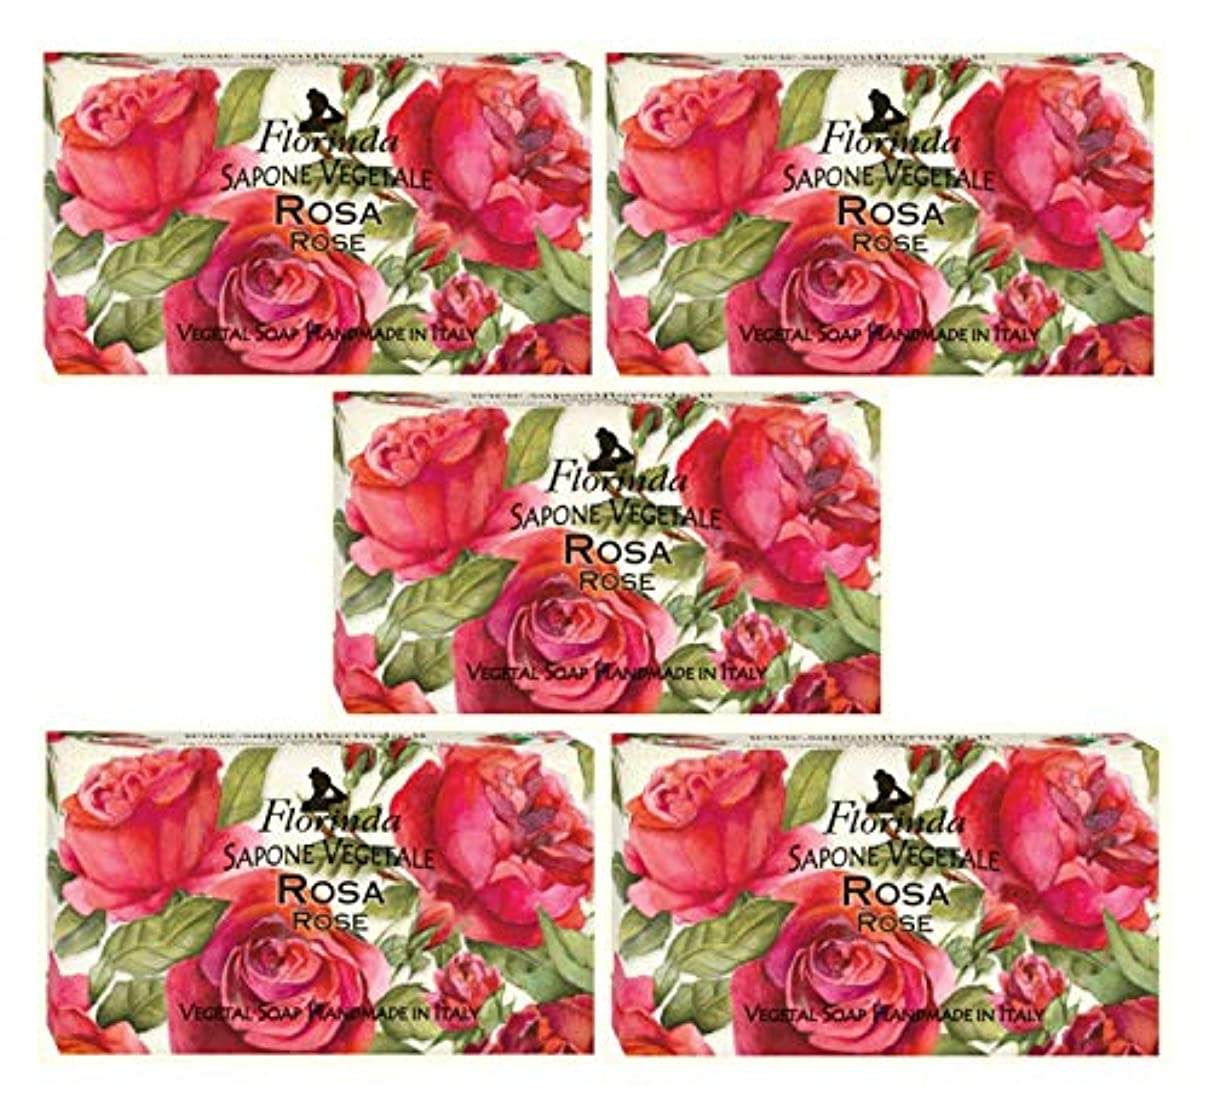 最適遠近法硬化するフロリンダ フレグランスソープ 固形石けん 花の香り ローズ 95g×5個セット